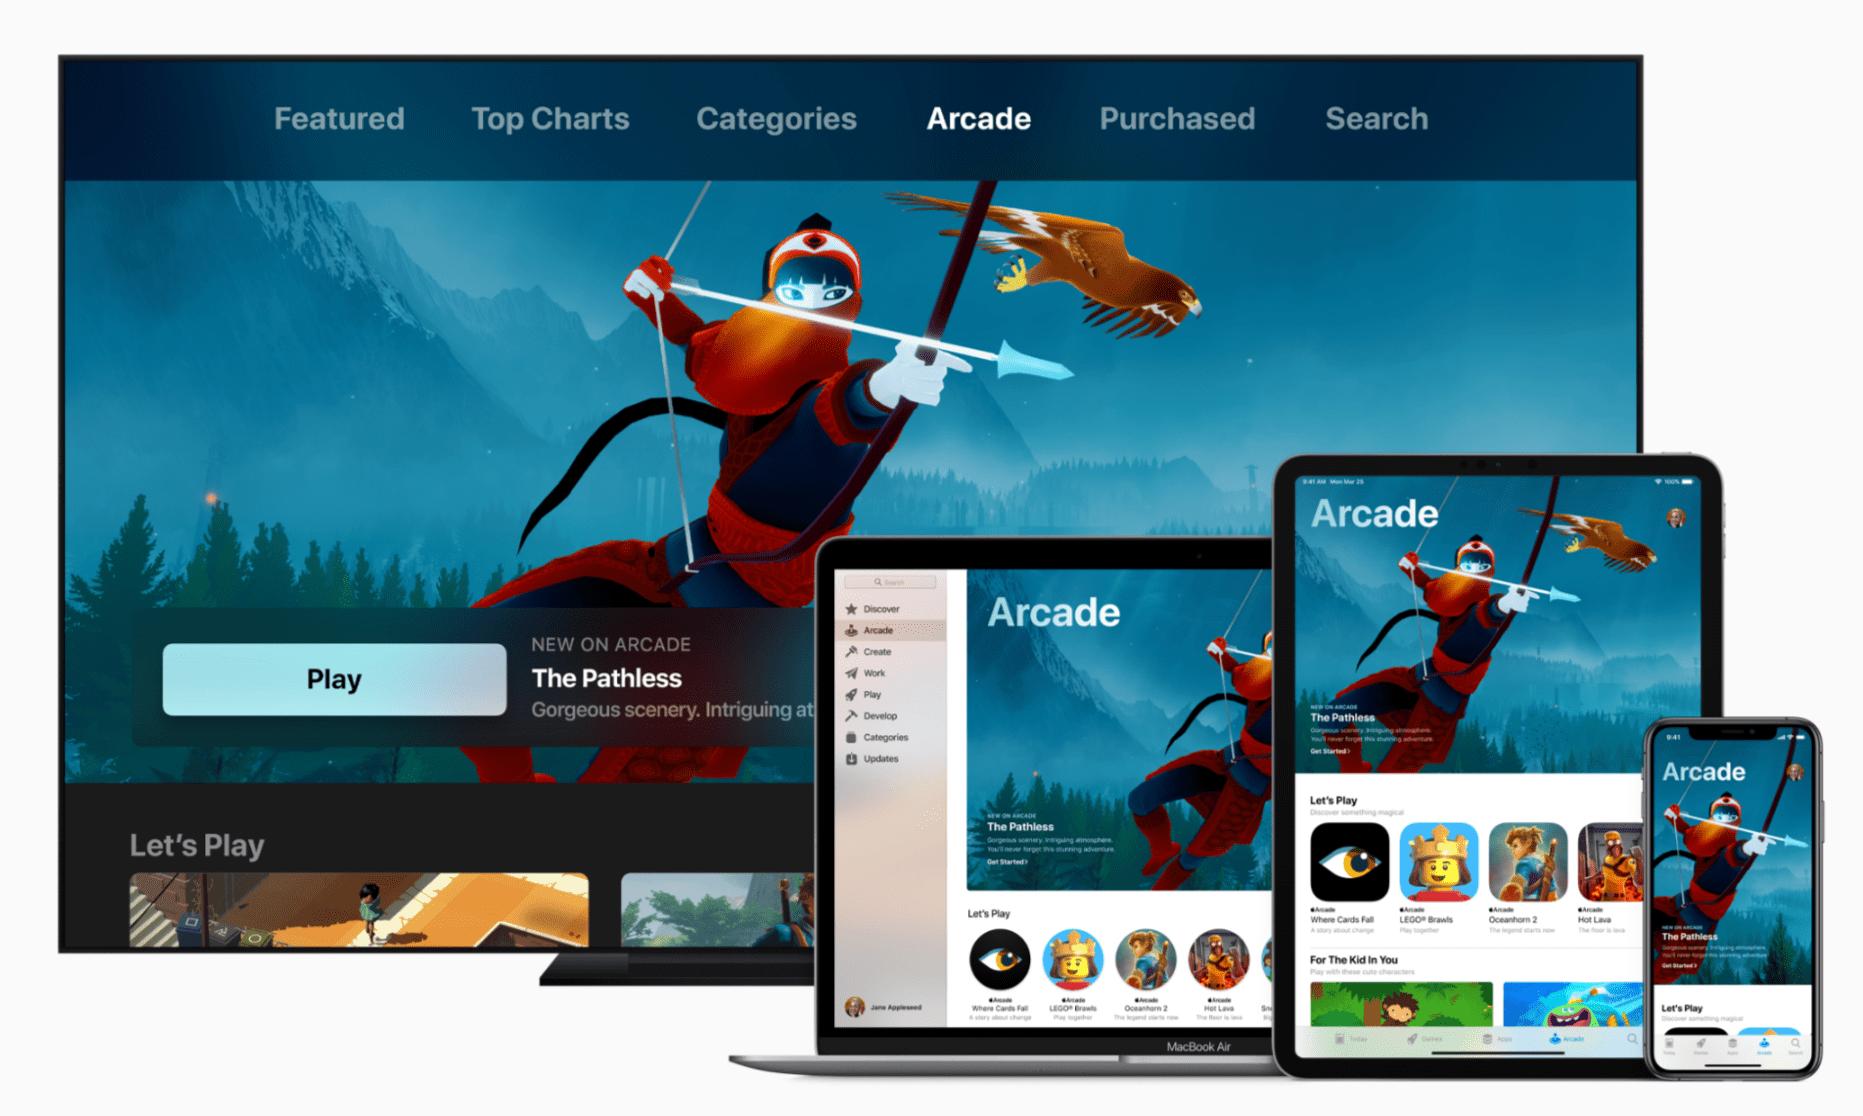 Apple wpompuje ogromne pieniądze w start swojej nowej platformy dla graczy - Apple Arcade 19